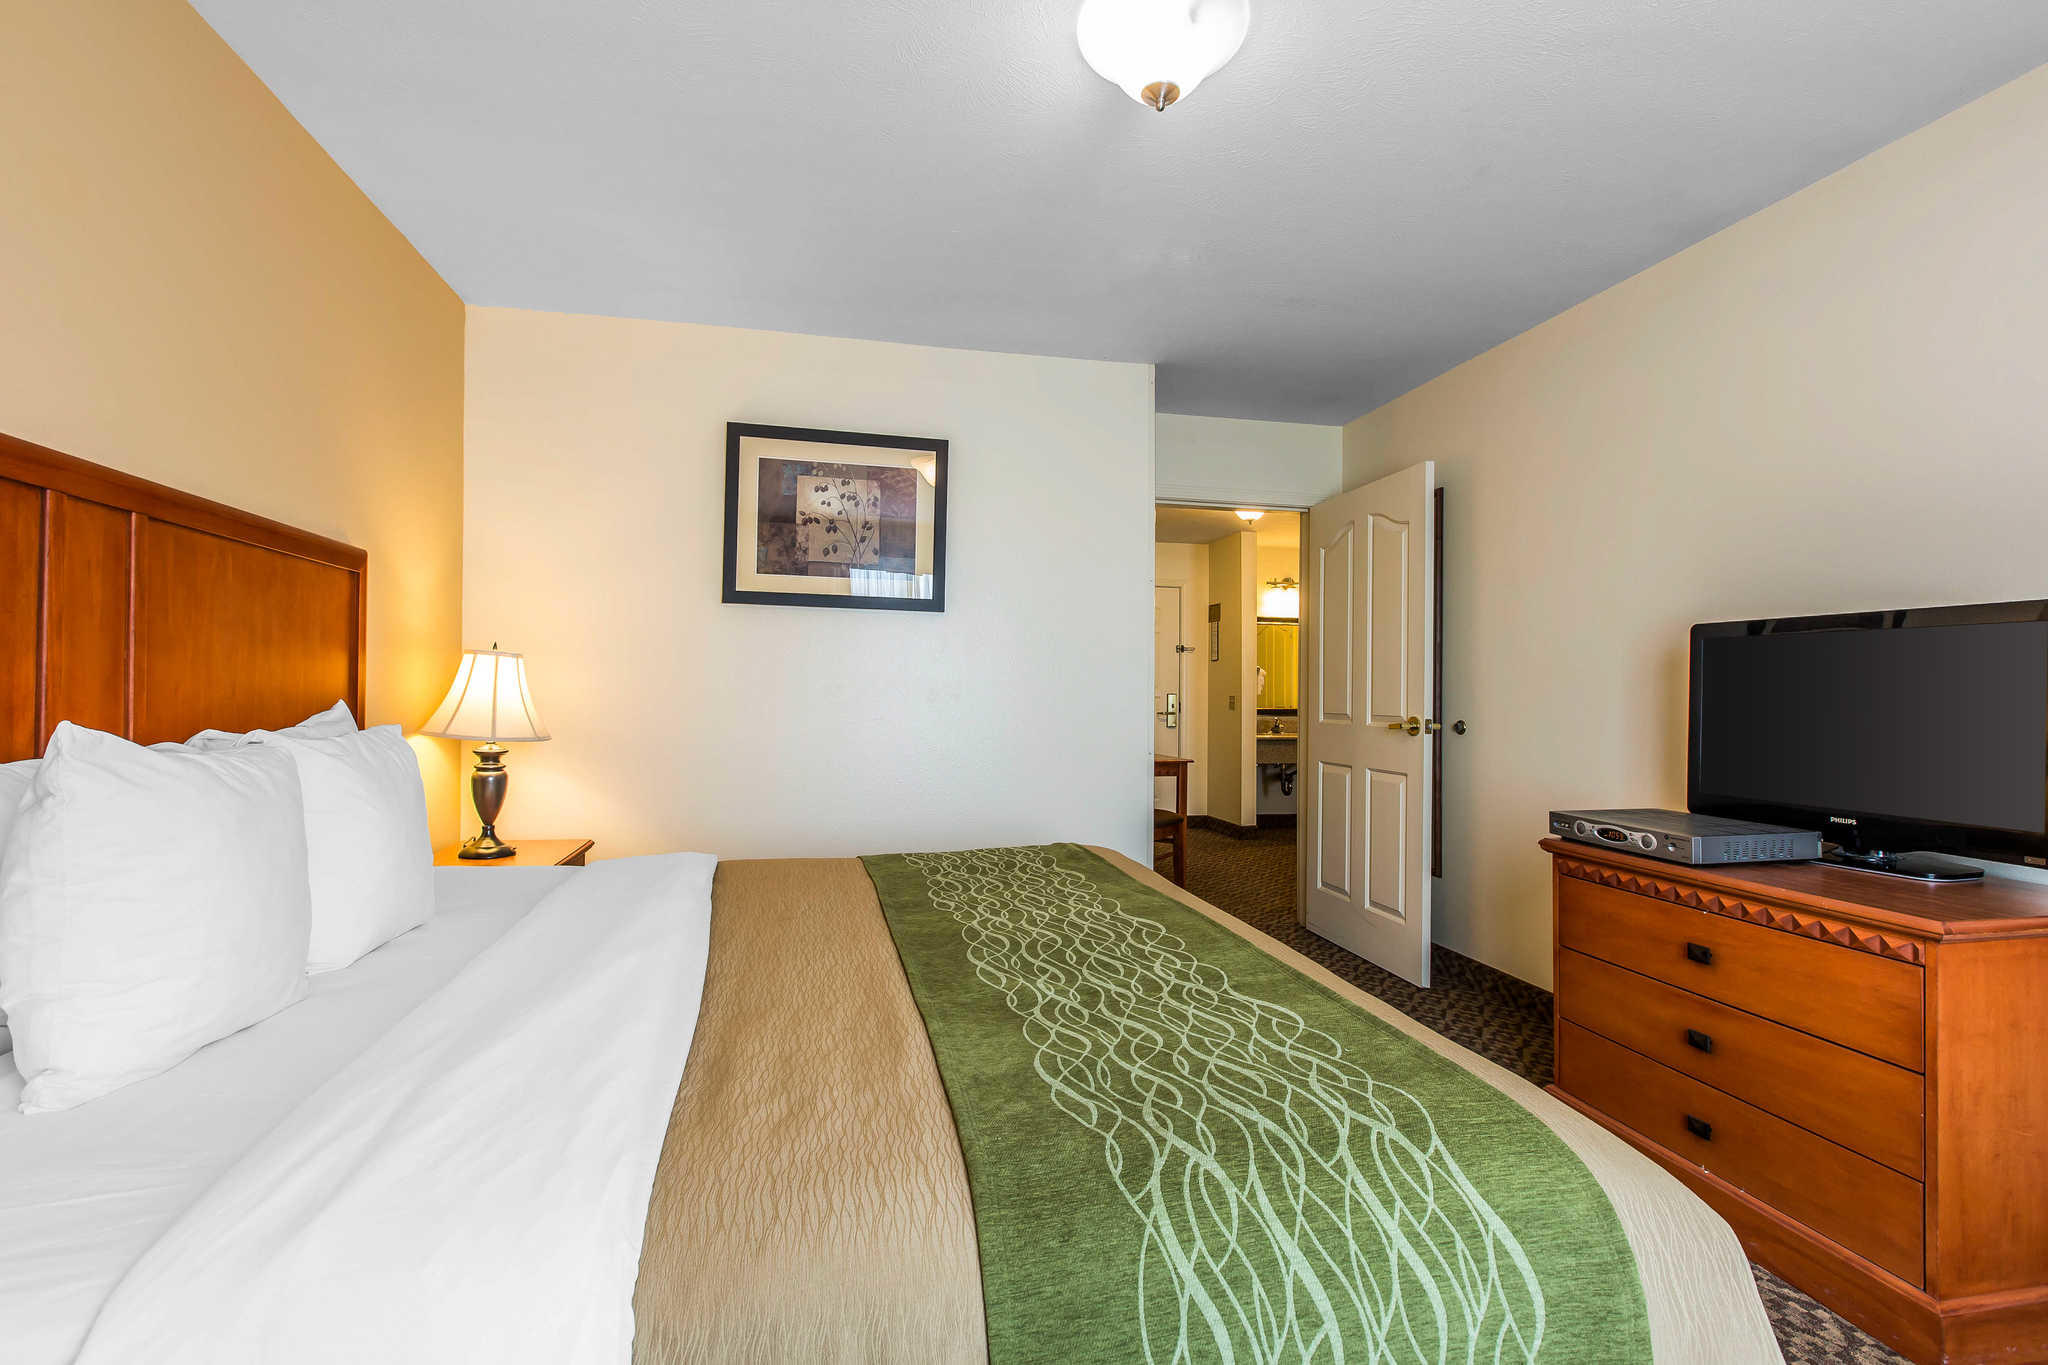 Comfort Inn & Suites El Centro I-8 image 21